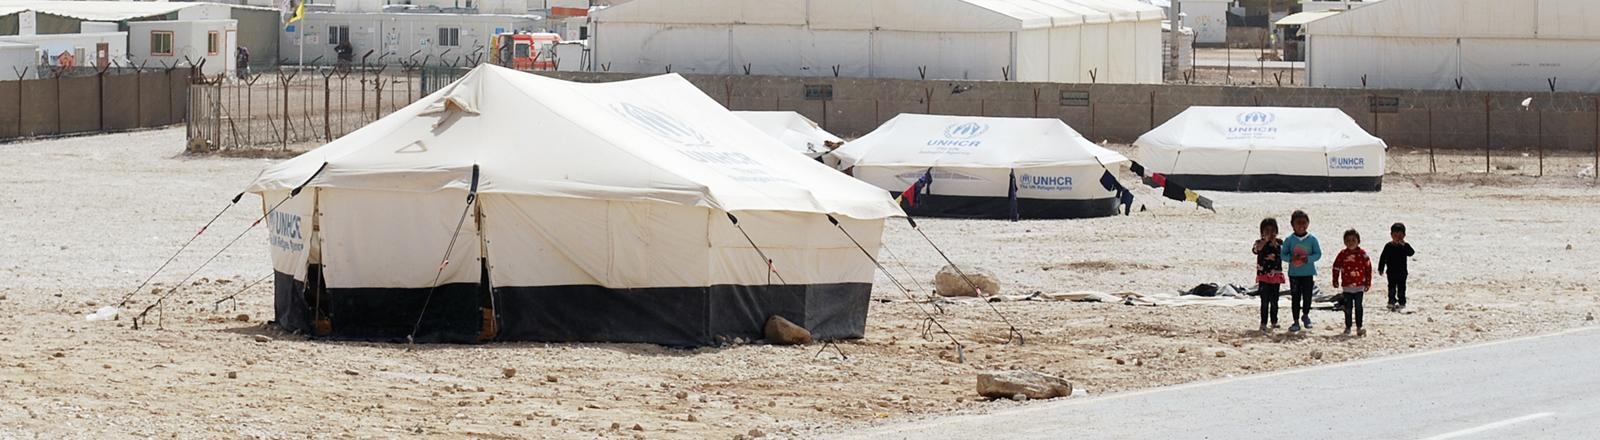 Kinder vor Zelten in einem Flüchtlingslager in Zaatari